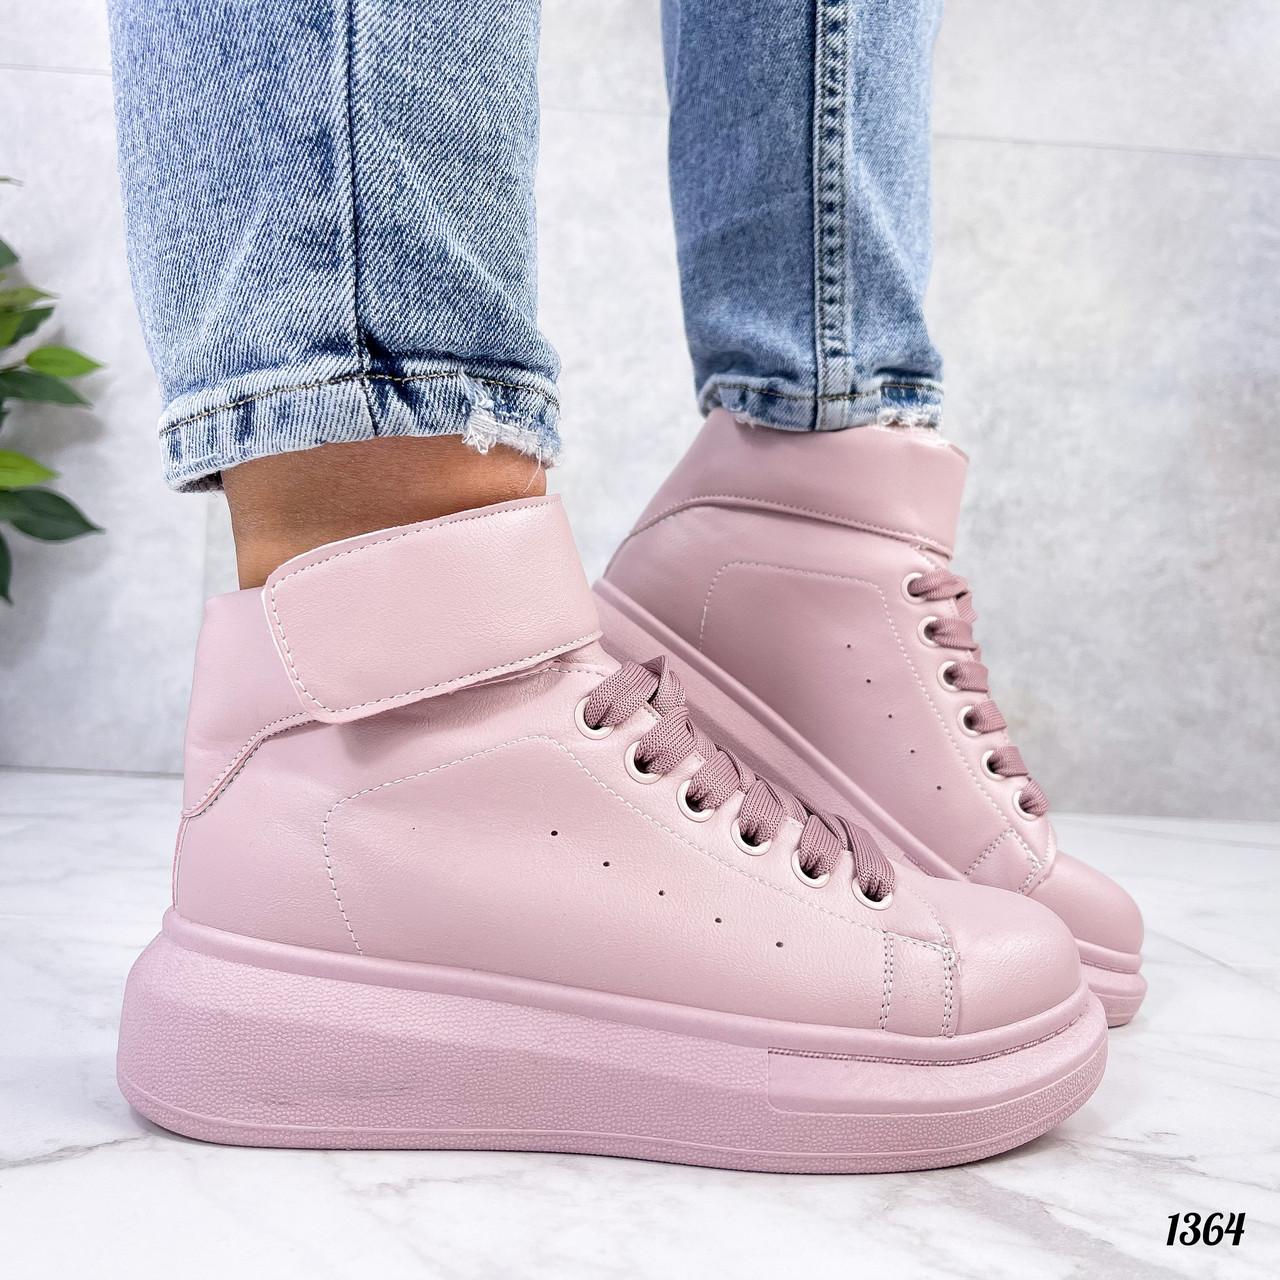 Кросівки - хайтопы жіночі рожеві ДЕМІ з липучкою еко шкіра